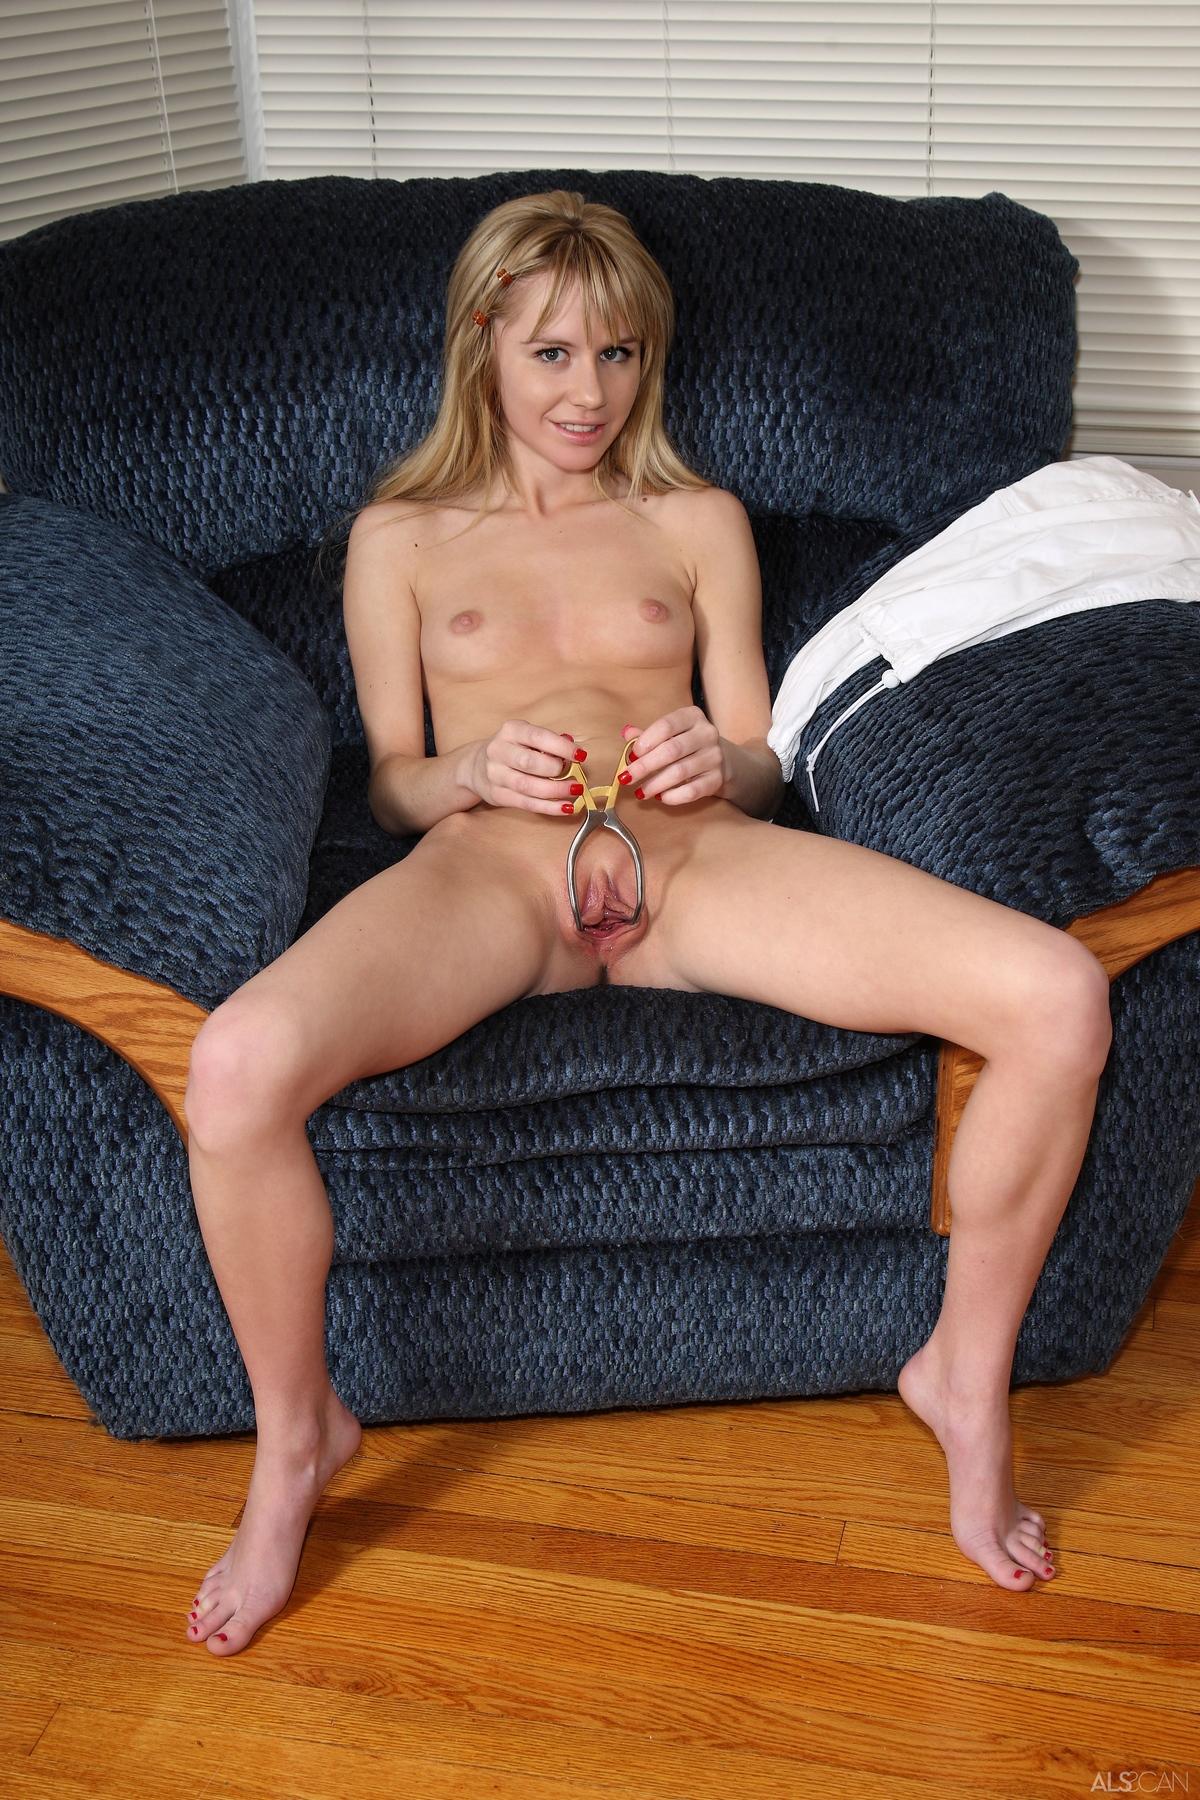 Обнаженная модель захотела максимально раскрыть влагалище секс фото